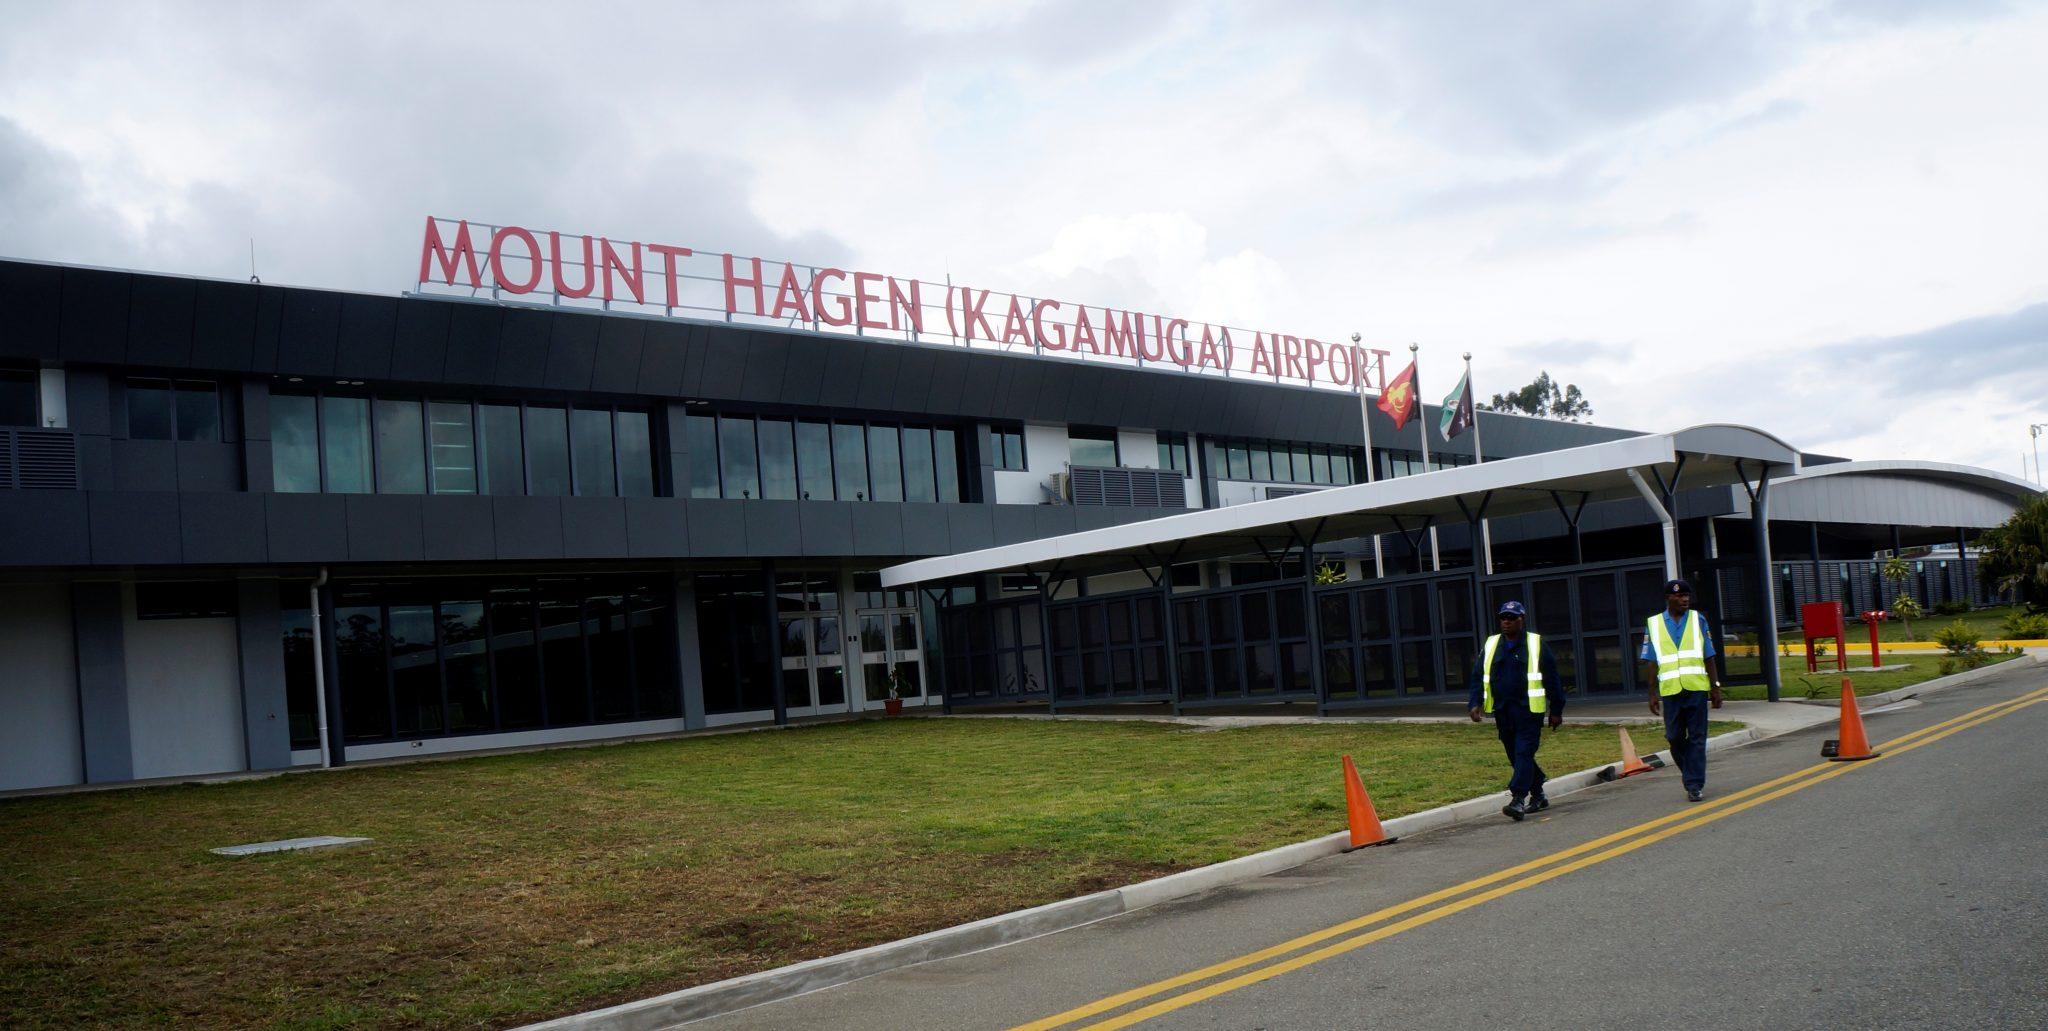 Аэропорт кагамуга